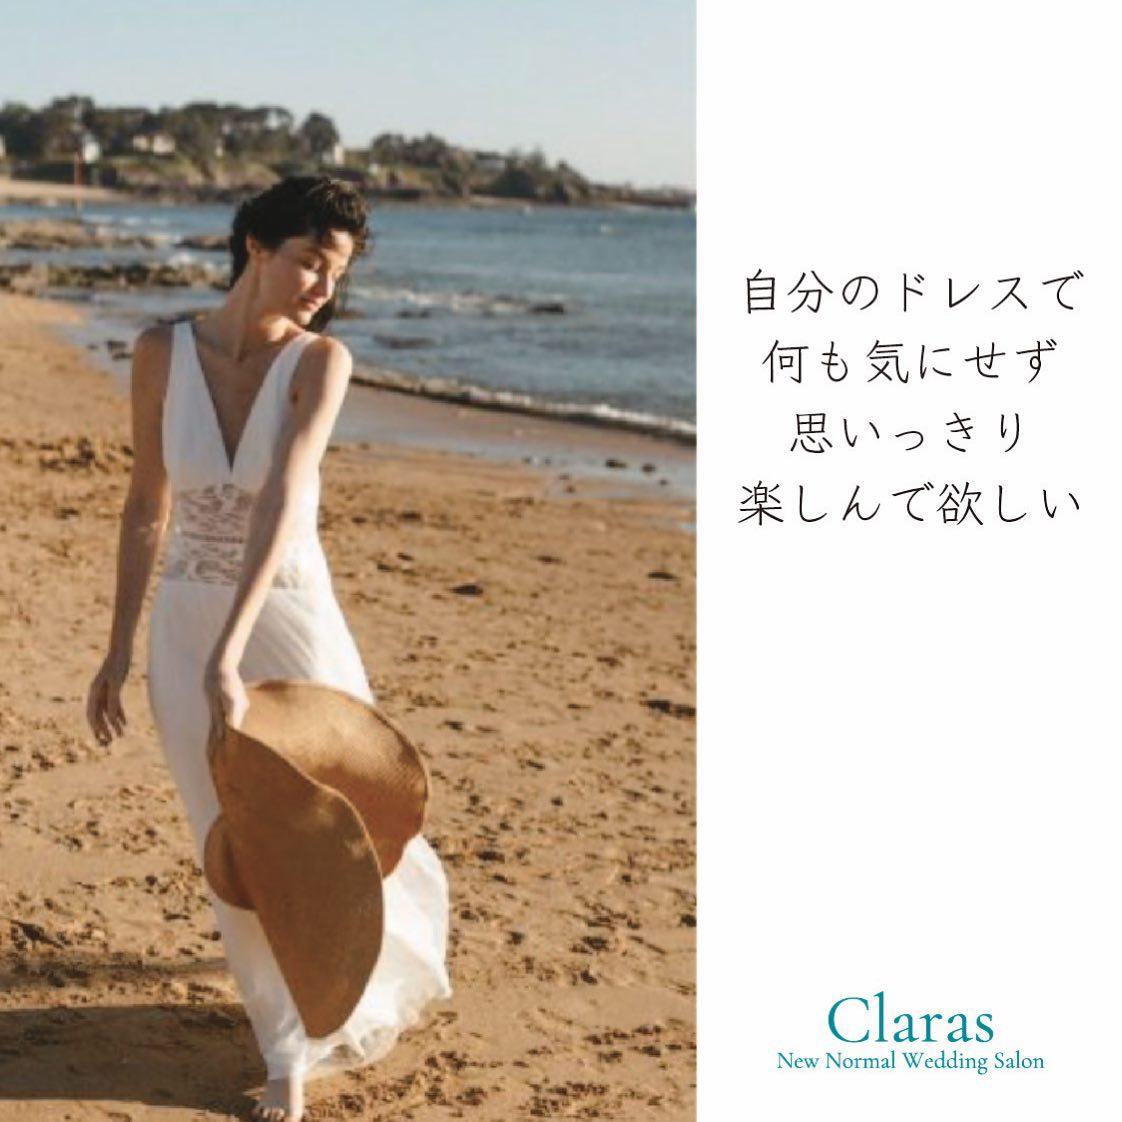 """🕊レンタルだと気にしちゃいませんか🕊憧れていた海辺での撮影📸でも、レンタルだと『汚しちゃわないかなぁ』など気になって...という声をよく聴きます・Clarasではお洒落なインポートドレスを販売しています🤍・自分だけのドレスで当日を思いっきり楽しんでみませんか・本当のドレス選びの楽しさを感じて欲しい・インポートドレスを適正価格でお届けするのがClaras・レンタルでは叶わない繊細で上質な素材も、ジャストサイズだから再現できるデザイン美も・Parisに関連会社があるからこそ直輸入での適正価格が叶う・Clarasは1組ずつ貸切でご案内寛ぎながら本当にその方に合った1着へと導きます自分だけのための1着を選びに来てください🤍結婚式やフォトなど迷ってる方でもまずはClarasへ🕊・長年様々なウエディングに携わってきたClarasスタッフより、細かなカウンセリングを行い的確ななご提案をさせていただきますご予約はDMからでも承れます・New Normal Wedding Salon""""Claras""""https://claras.jp/・about """"Claras""""…(ラテン語で、明るい·輝く)As(明日· 未来, フランス語て最高、一番) ・明るく輝く明日(未来) に貢献したいという想いを込めています🕊Fashionの都Parisをはじめ、欧米から選りすぐりのドレスをこれから出逢う花嫁のために取揃えました・2021.3.7 (Sun)NEW OPEN・Dressから始まるWedding Story""""憧れていた Dress選びから始まる結婚準備があったっていい""""・さまざまな新しい「価値」を創造し発信していきますこれからの新しい Wedding の常識を""""Claras """"から🕊・New Normal Wedding Salon【Claras】〒107-0061 東京都港区北青山2-9-14SISTER Bldg 1F(101) 東京メトロ銀座線 外苑前駅3番出ロより徒歩2分Tel:03 6910 5163HP: https://claras.jp営業時間:平日 12:00-18:00 土日祝11:00-18:00(定休日:月・火)・#wedding #weddingdress #instagood #instalike #claras #paris #vowrenewal#ウェディングドレス #プレ花嫁 #ドレス試着 #ドレス迷子 #婚約しました #オリジナルウェディング #結婚式  #ドレス選び #前撮り #インポートドレス #フォトウェディング #ウェディングヘア  #フォト婚 #ニューノーマル #ブライダルフォト #プロポーズ待ち#ウェディングドレス探し #ウェディングドレス試着 #セルドレス #ドレスショップ #バウリニューアル #運命のドレス"""